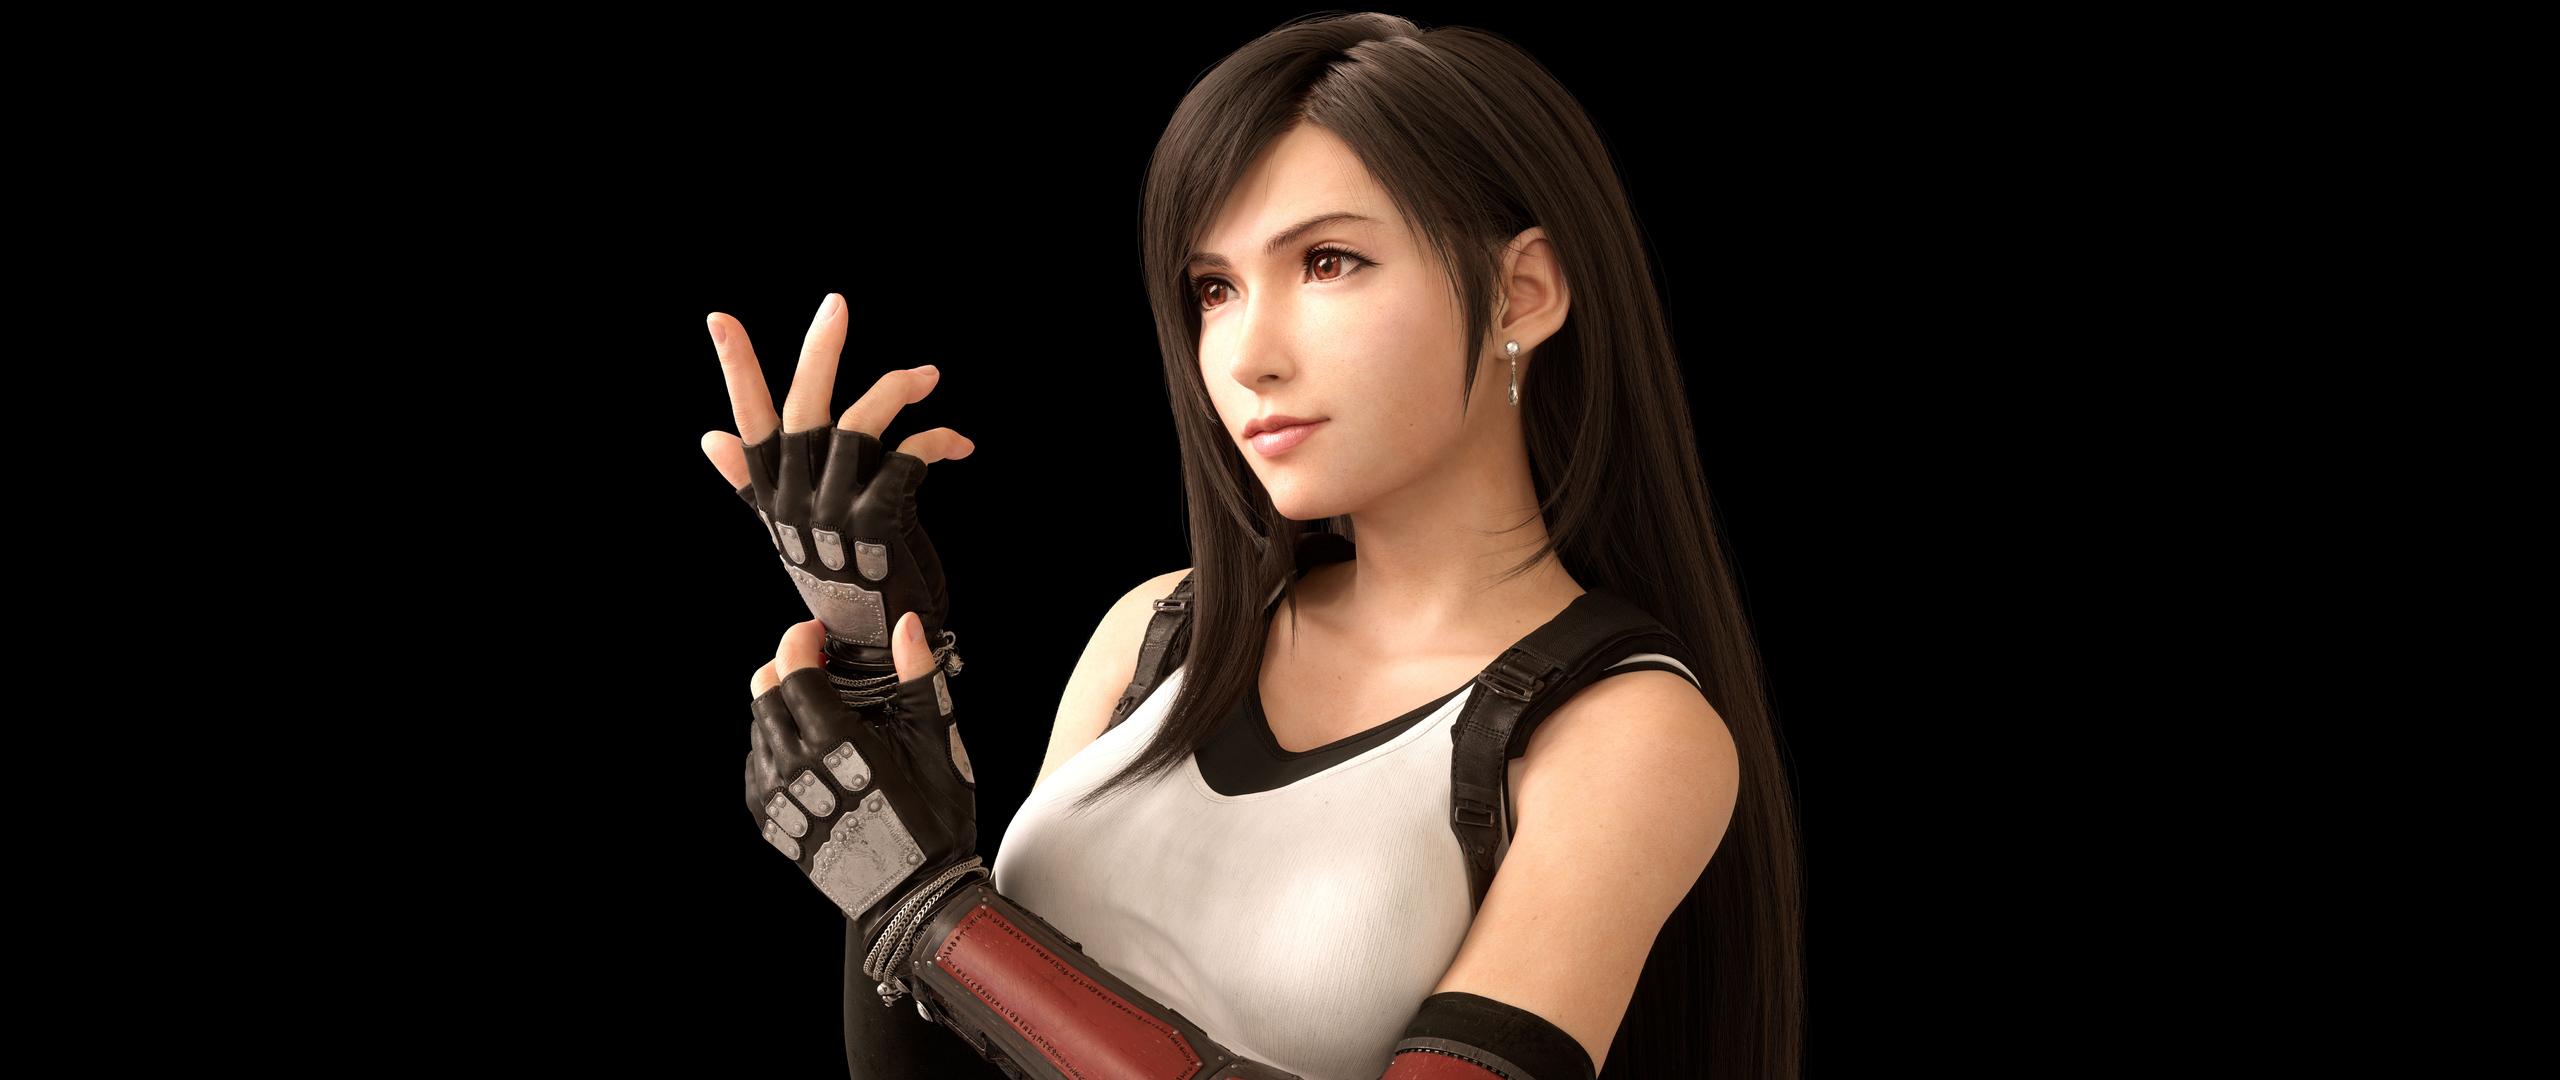 2560x1080 2019 Final Fantasy Vii Remake 8k 2560x1080 Resolution Hd